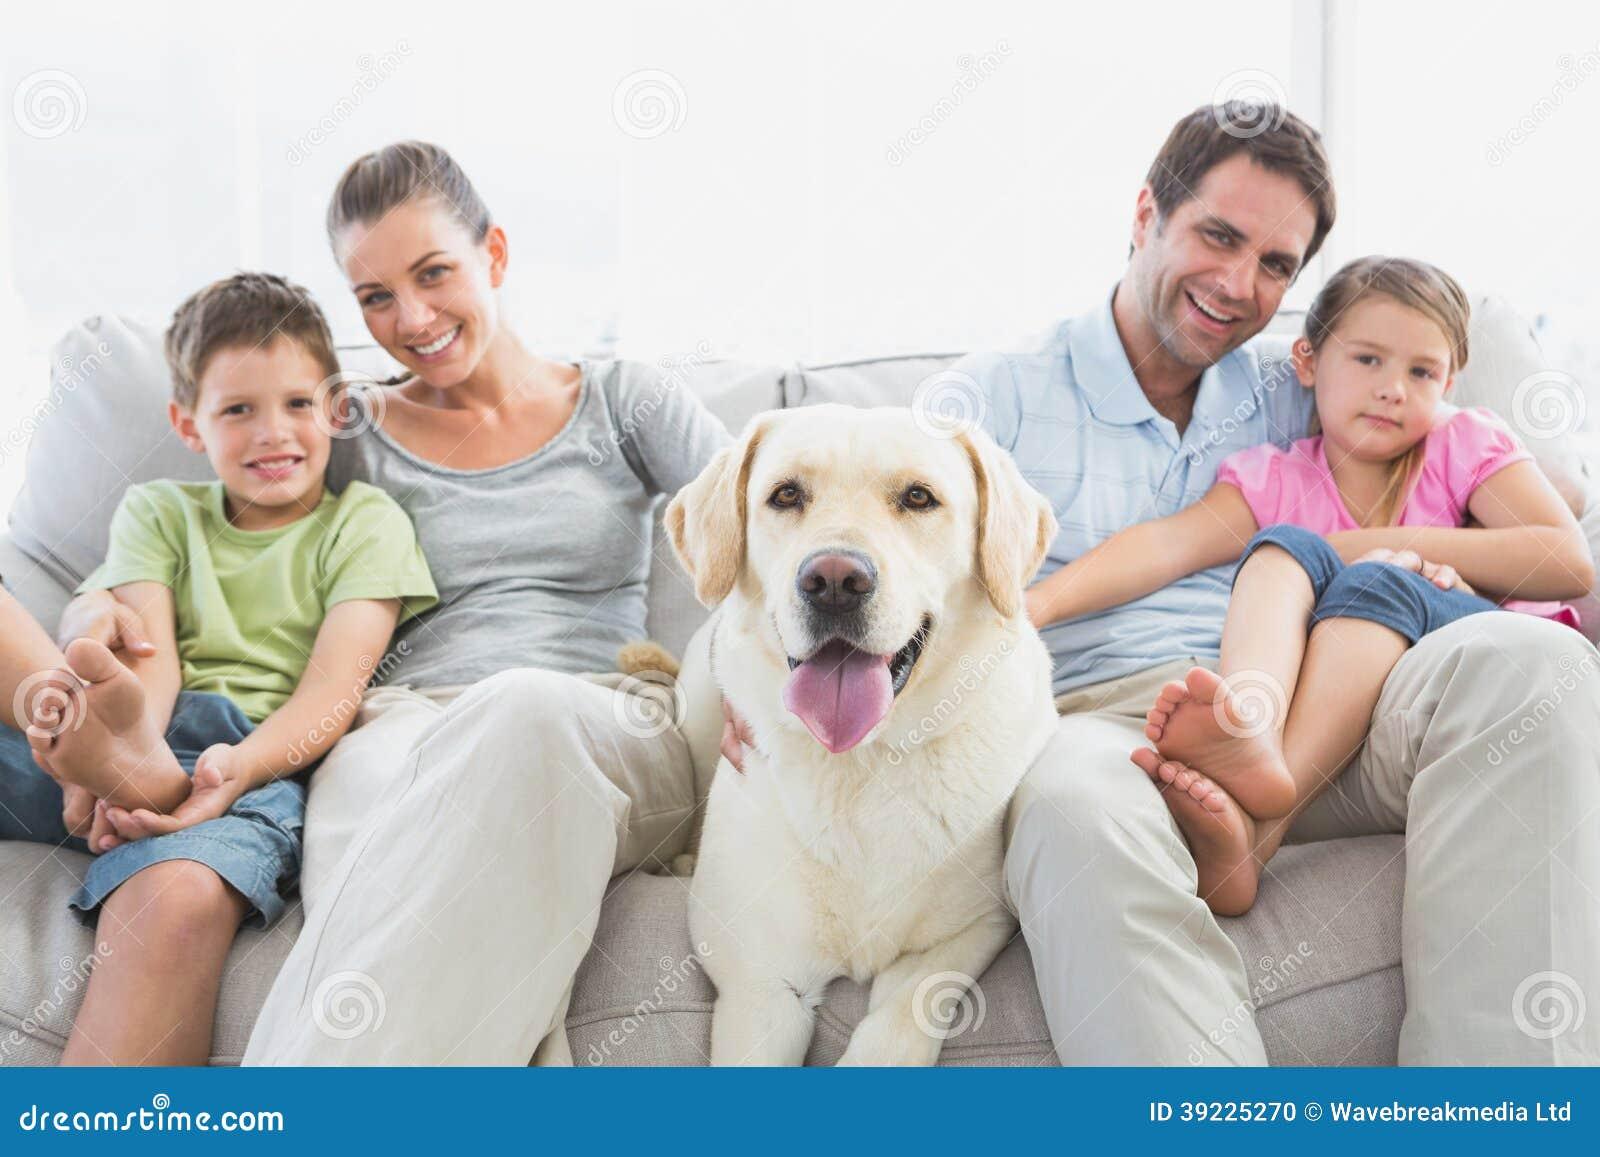 famille heureuse s 39 asseyant sur le divan avec leur animal familier labrador photo stock image. Black Bedroom Furniture Sets. Home Design Ideas